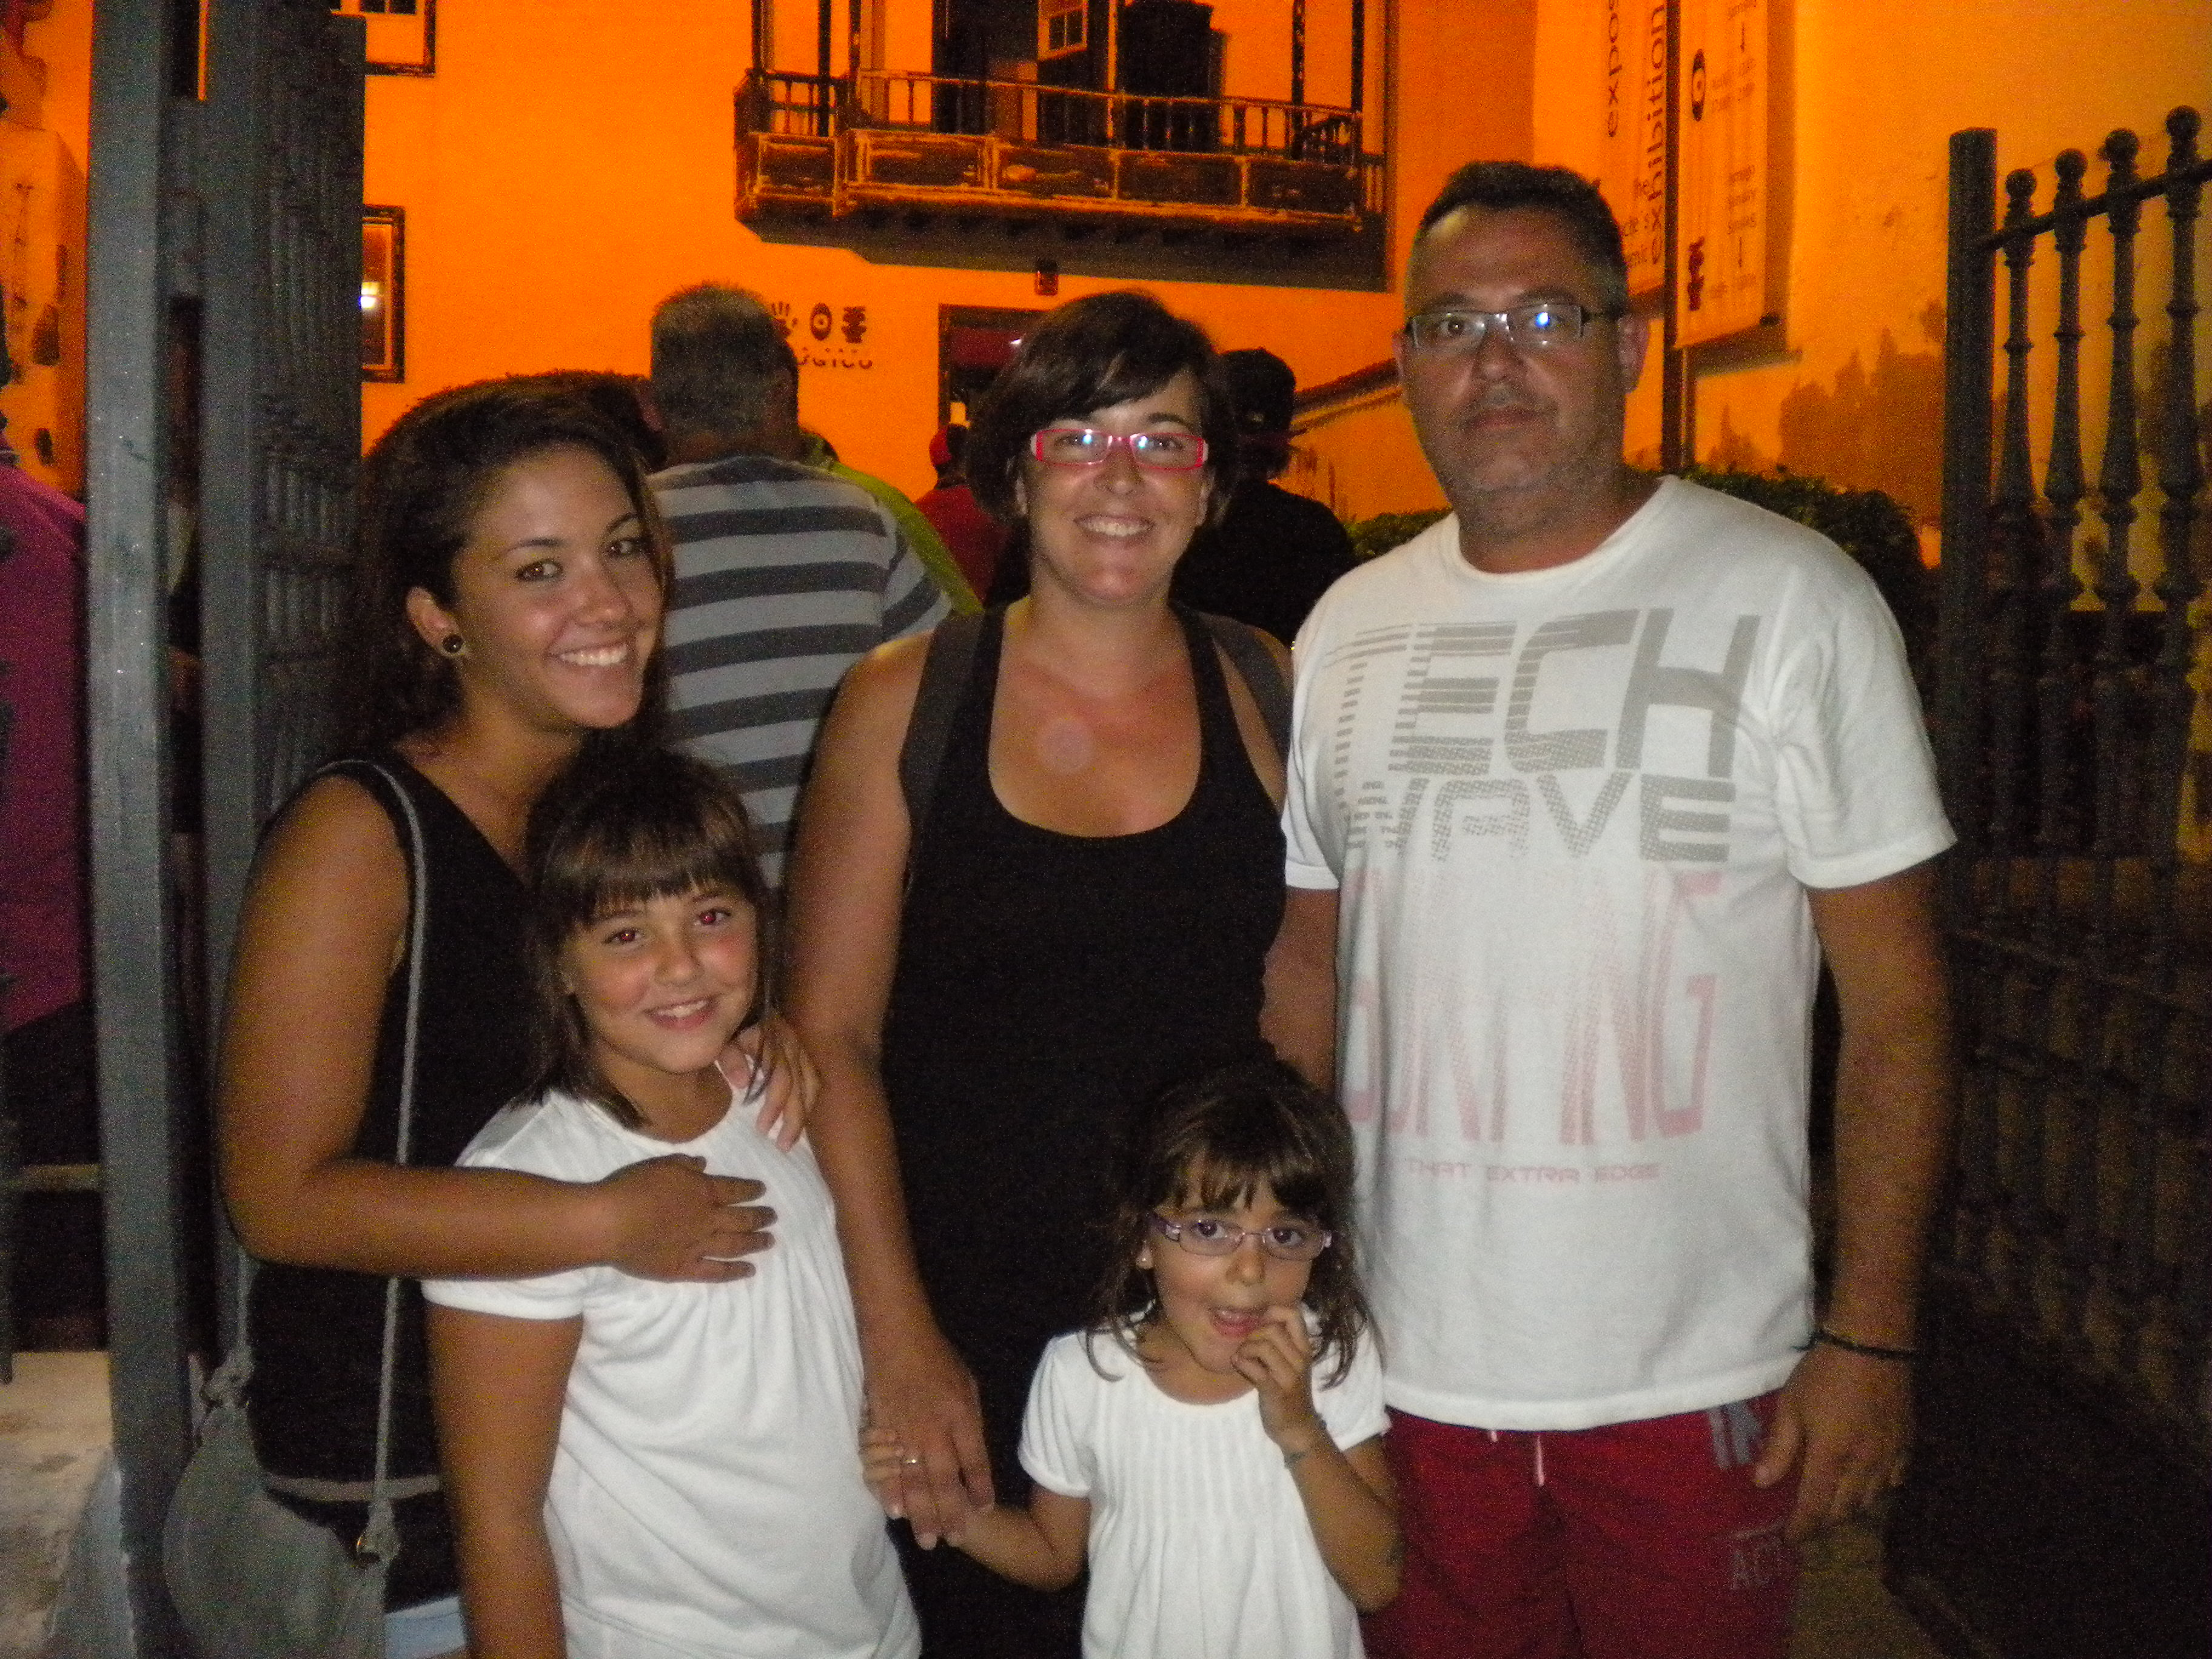 RastreoNocturno2010 (11)